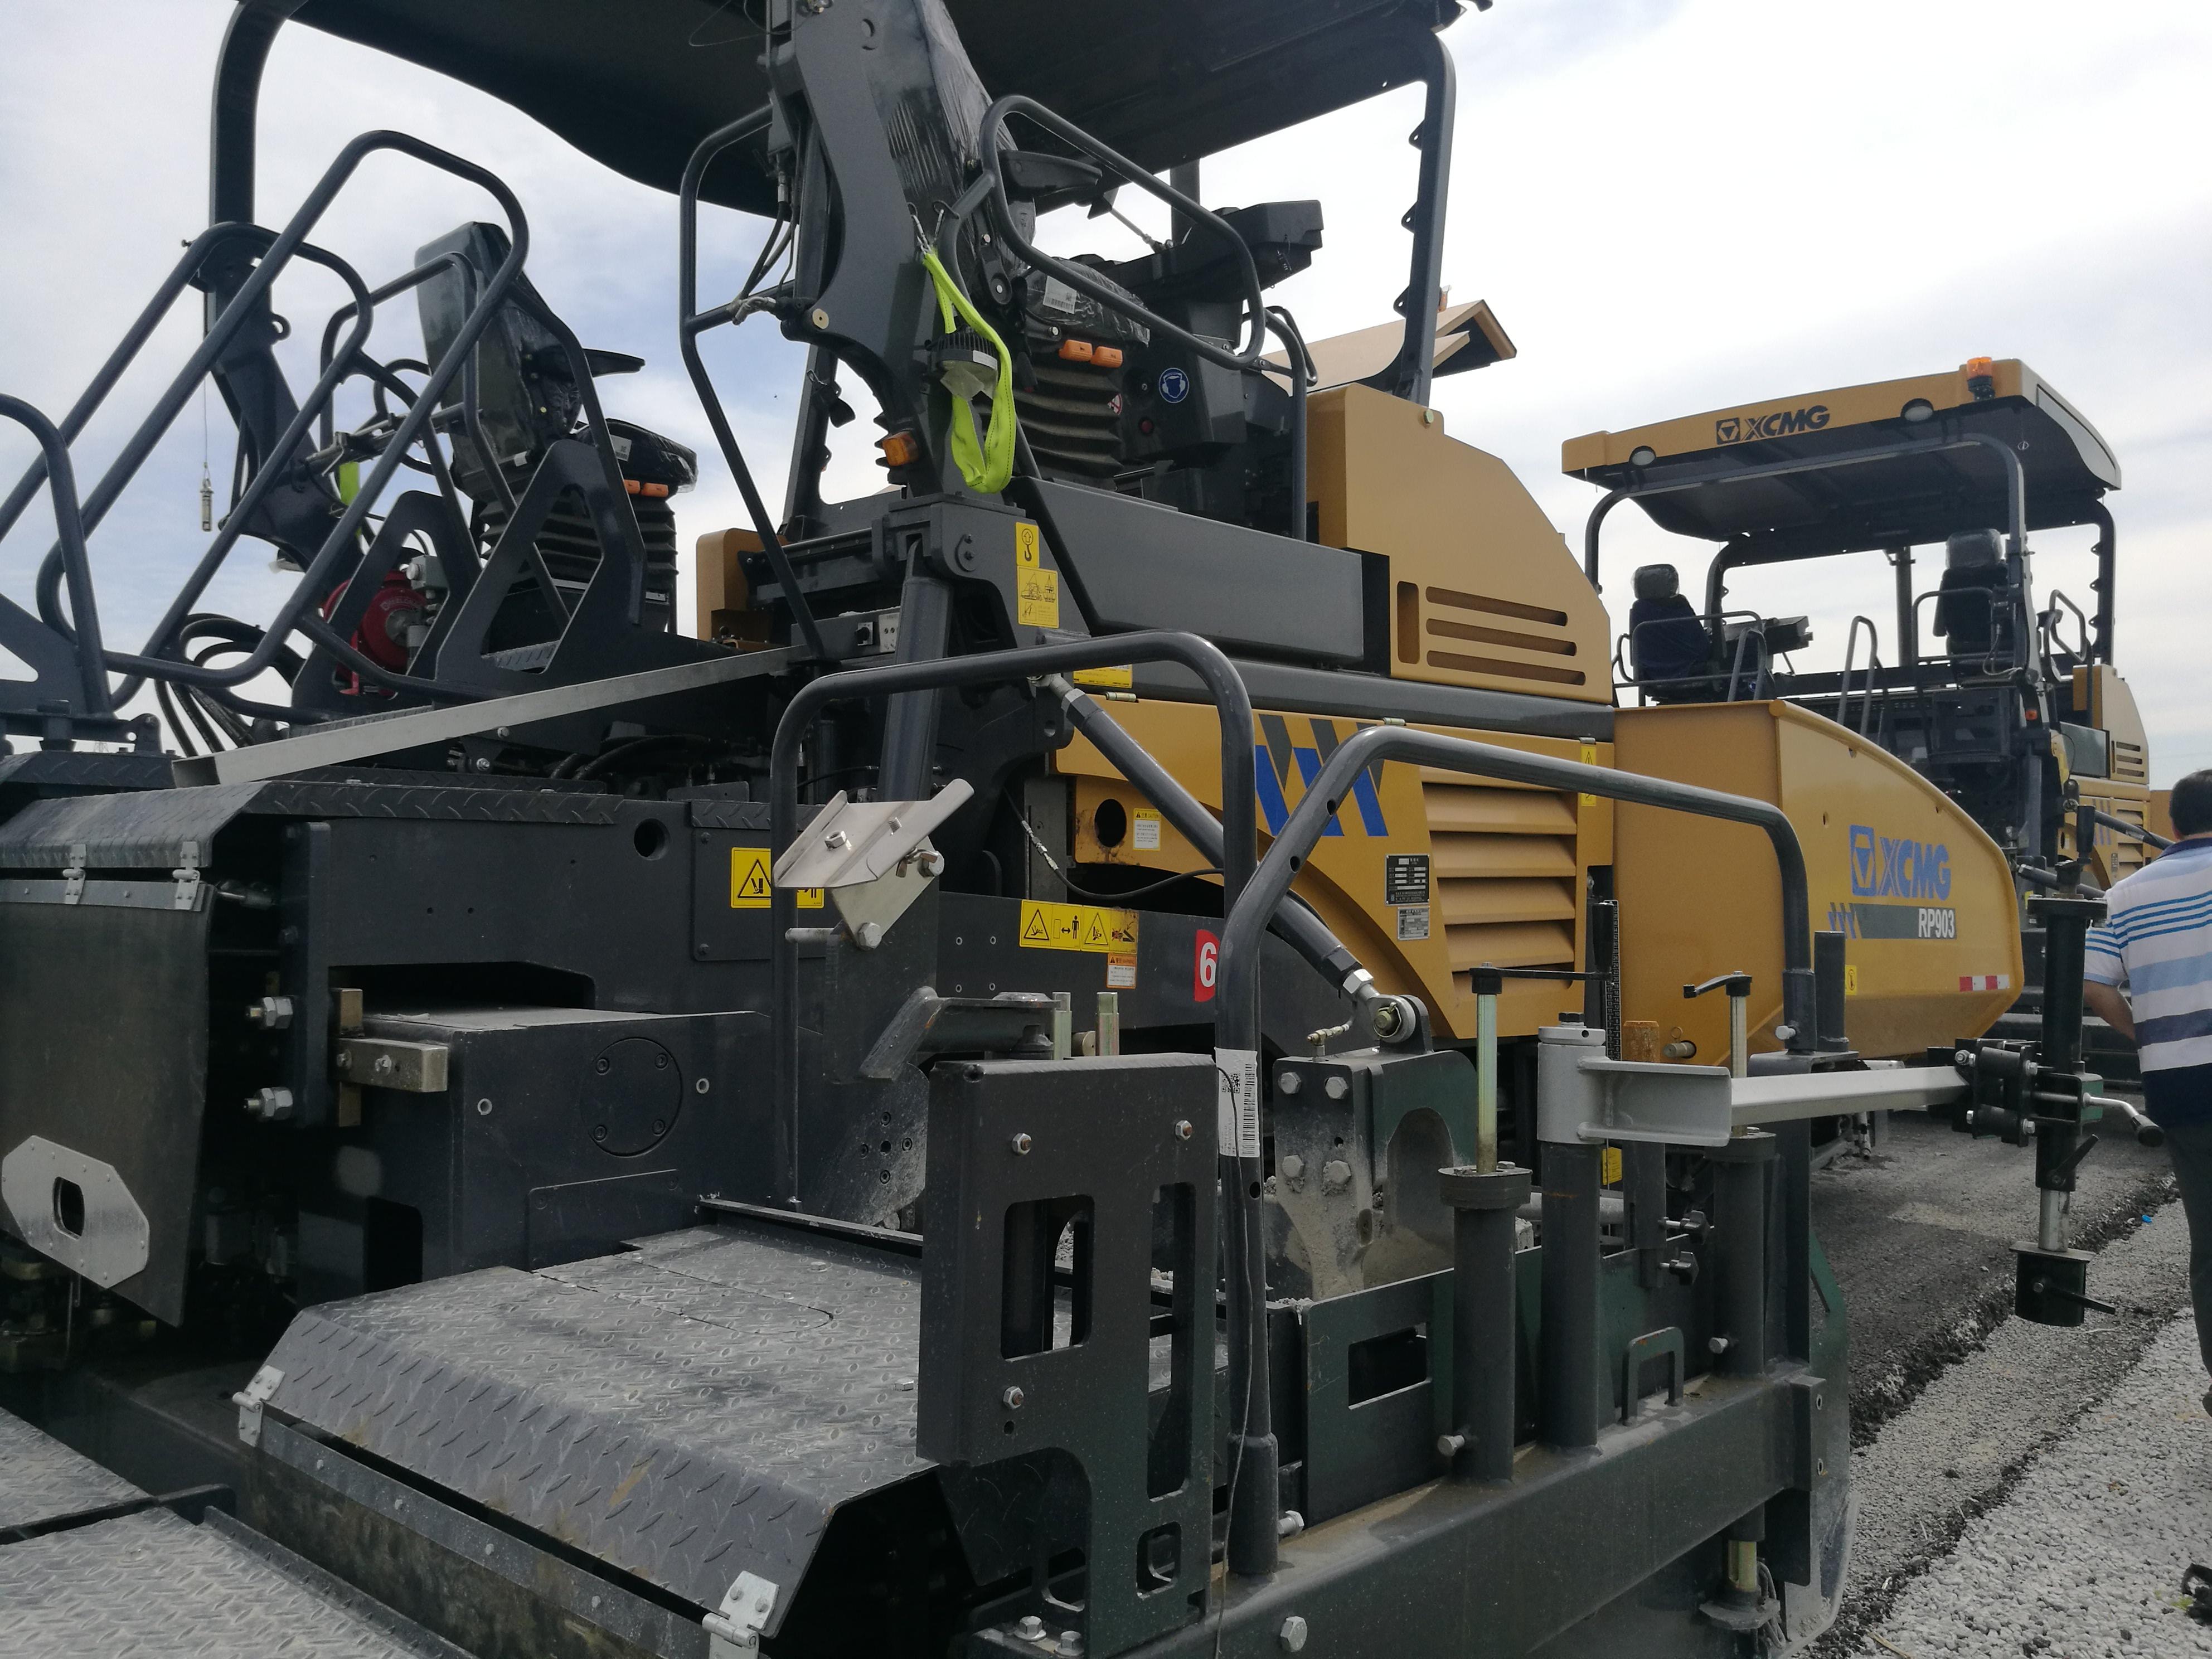 徐工RP903多功能摊铺机,右后图,液压伸缩板。